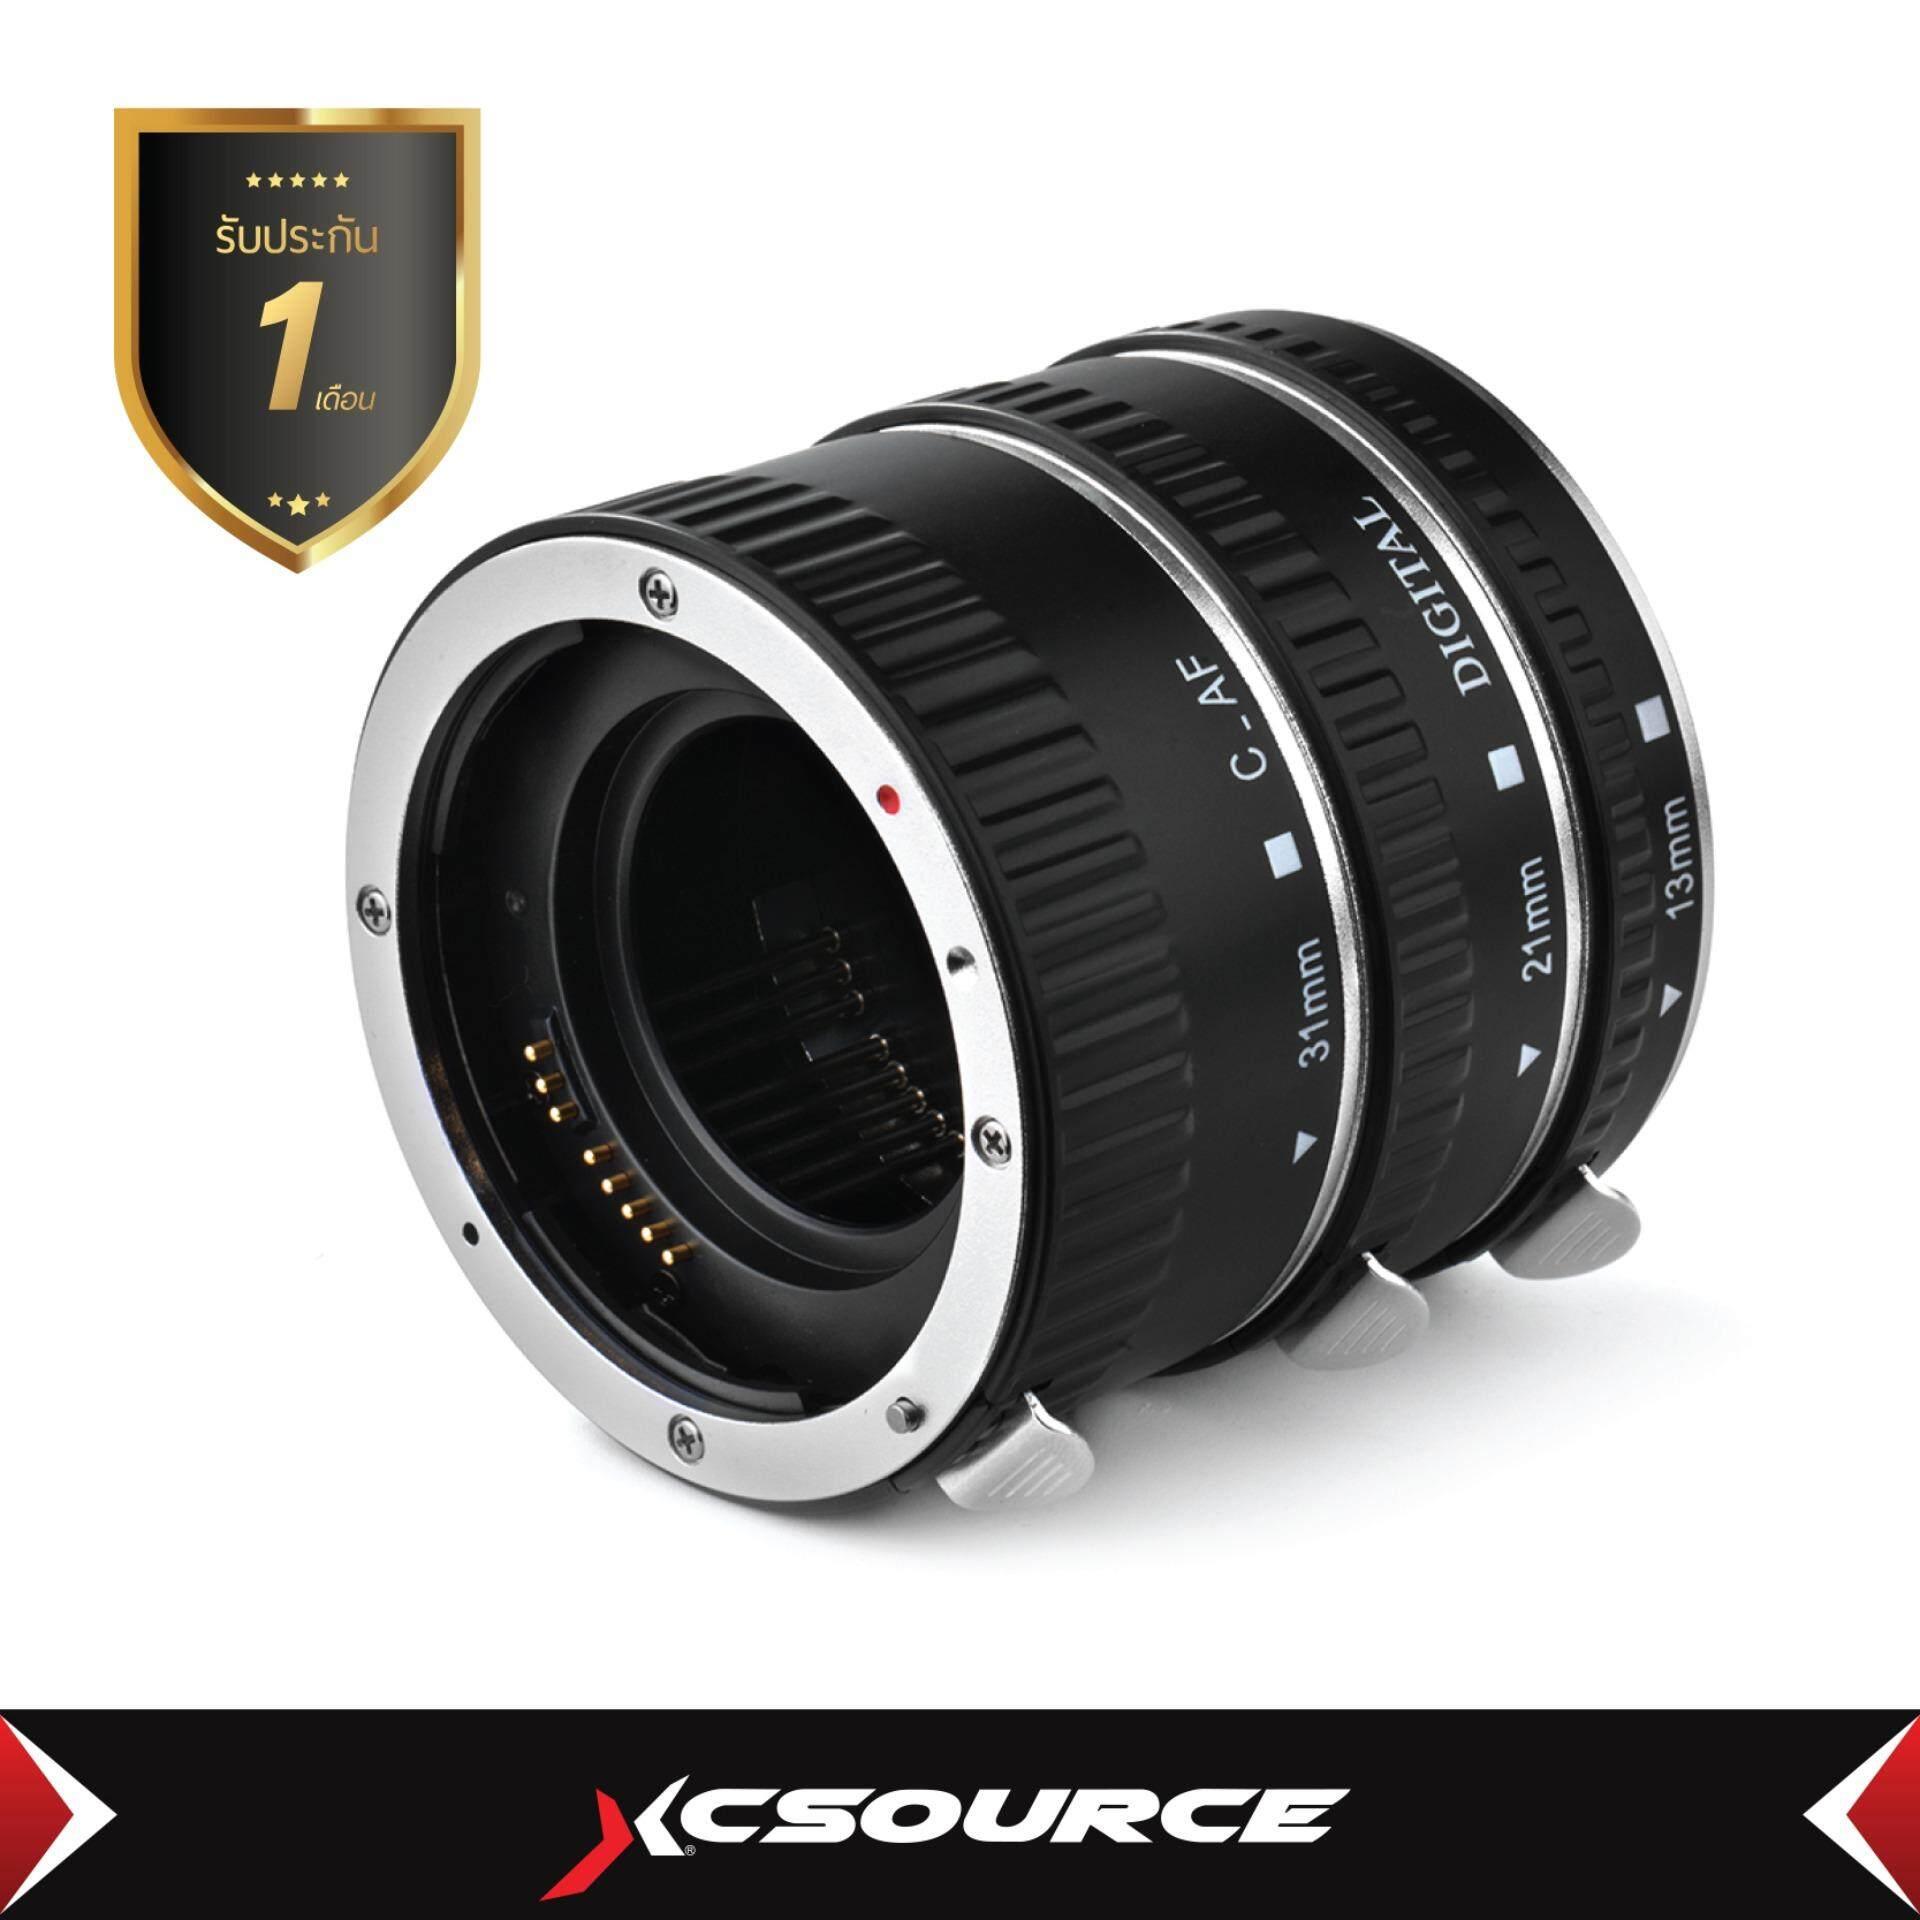 ชุดต่อขยายระบบโฟกัส มาโครชุดเงิน สำหรับกล้อง Canon Eos Extreme Close-Up.